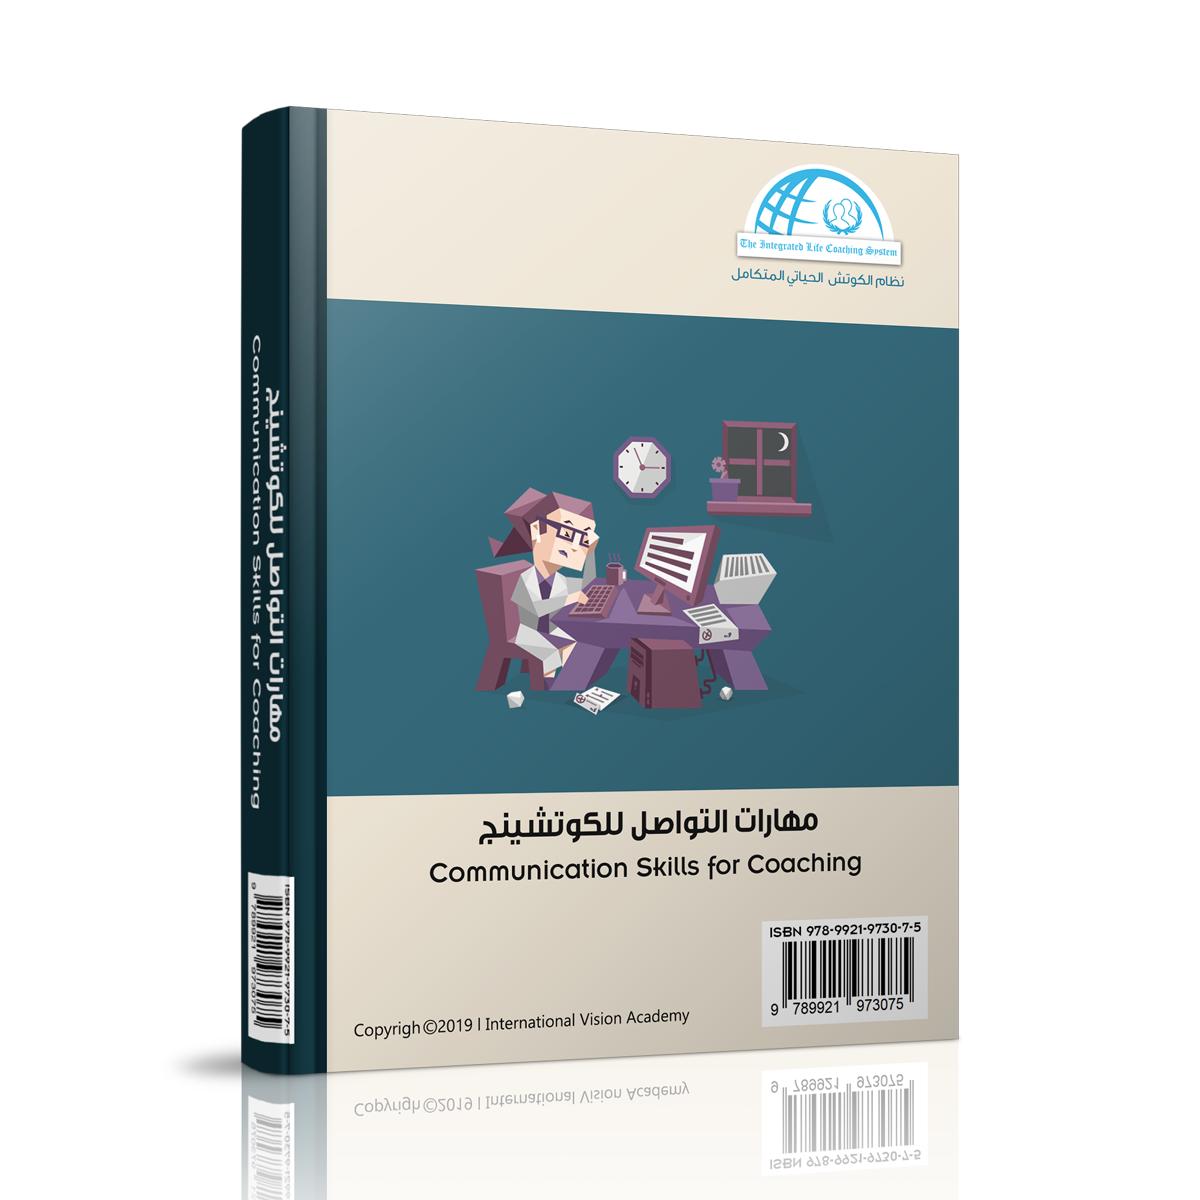 حقيبة مهارات تواصل الكوتش Communication Skills Communication Skills